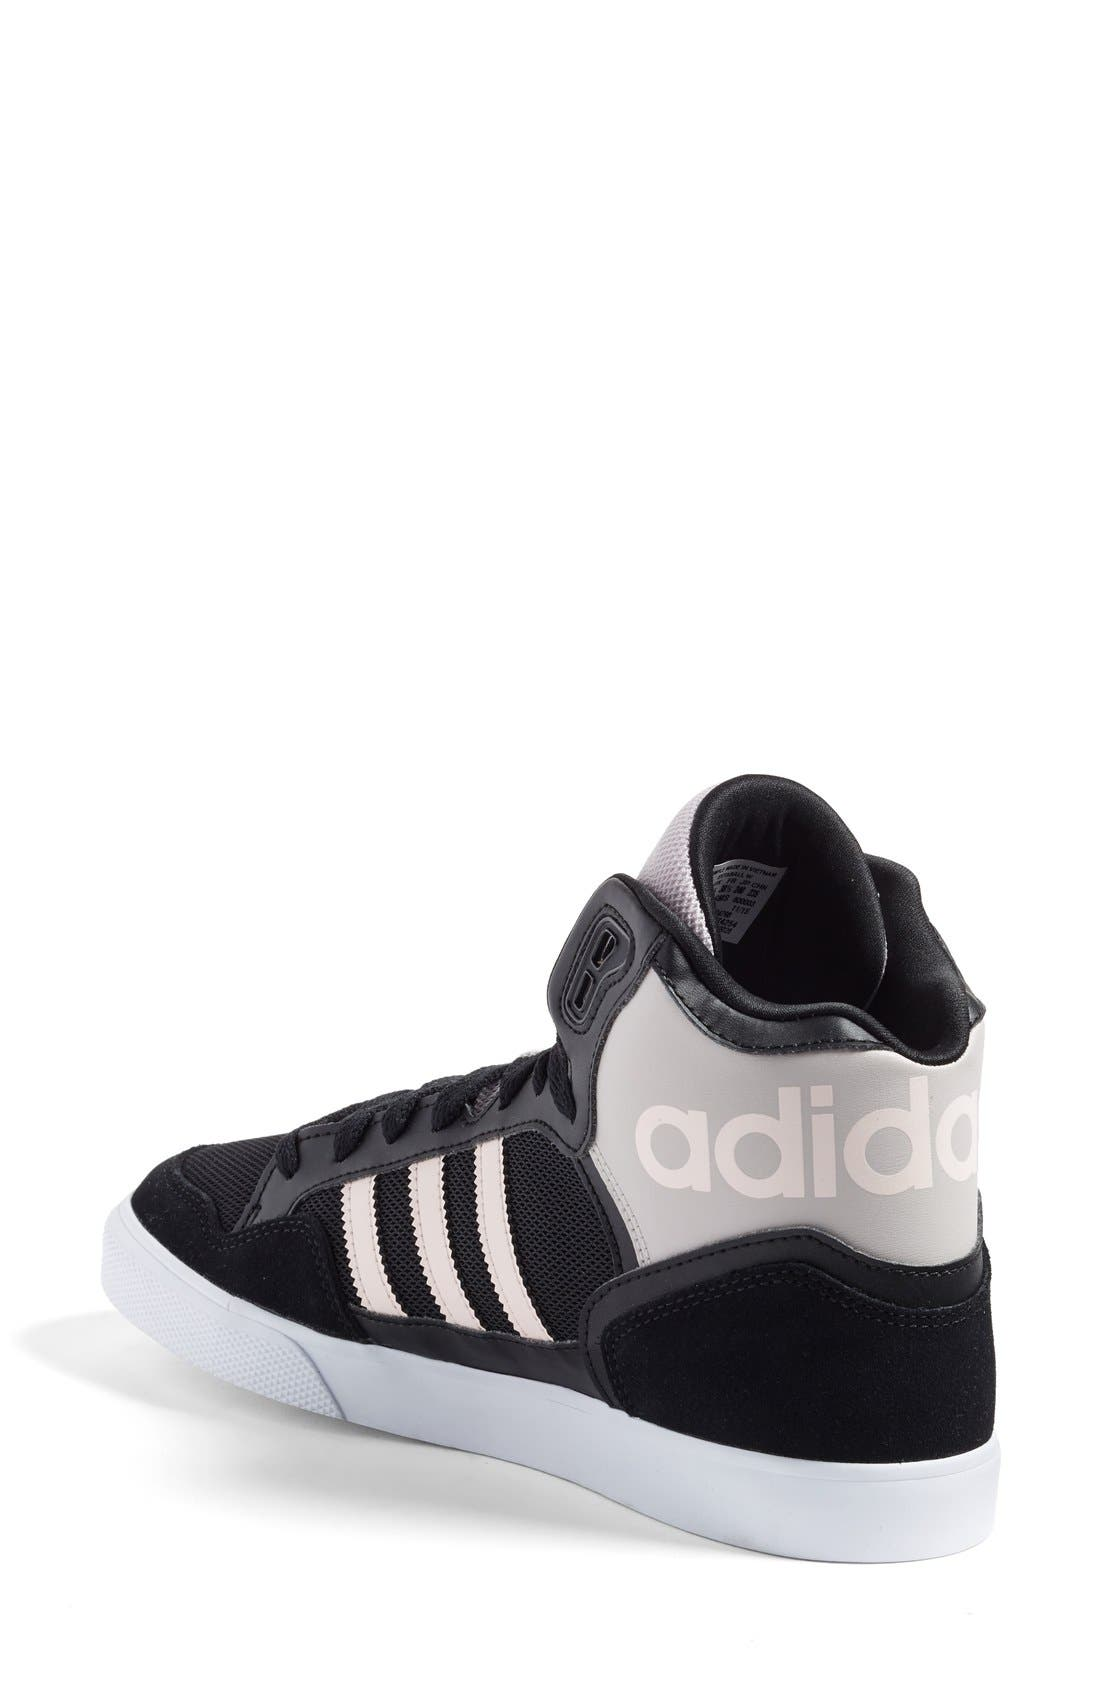 Alternate Image 2  - adidas 'Extaball' High Top Sneaker (Women)